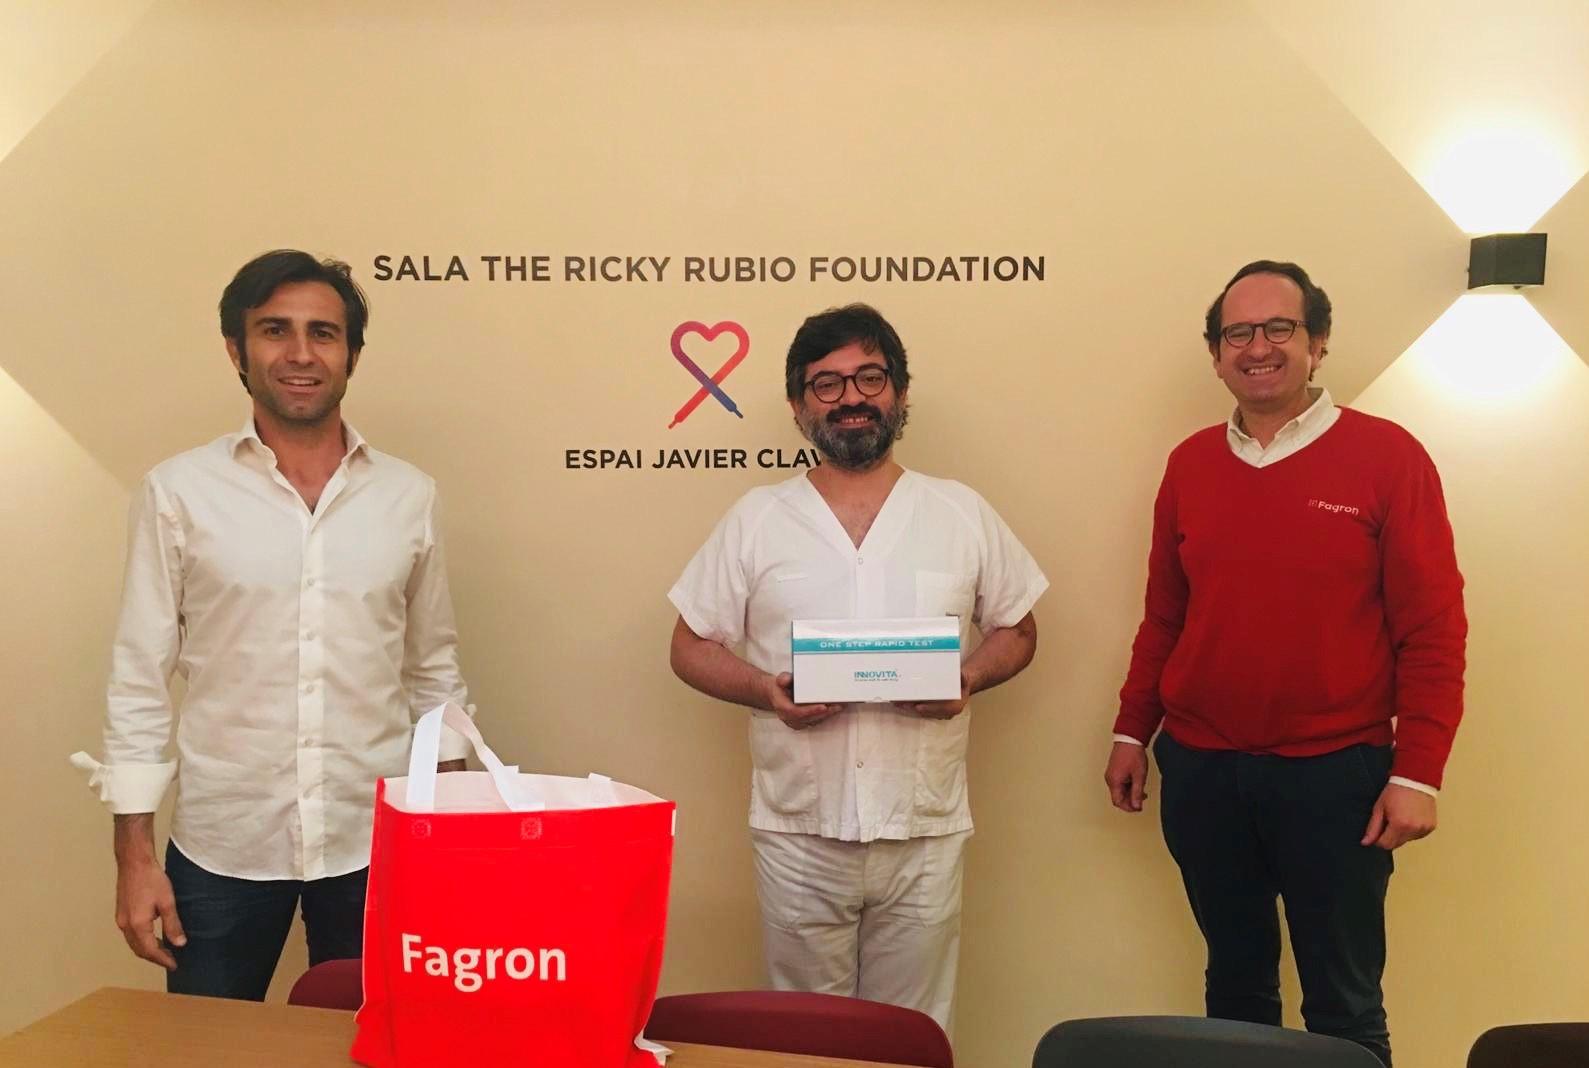 Luchamos contra la COVID-19 de la mano de Ricky Rubio Foundation